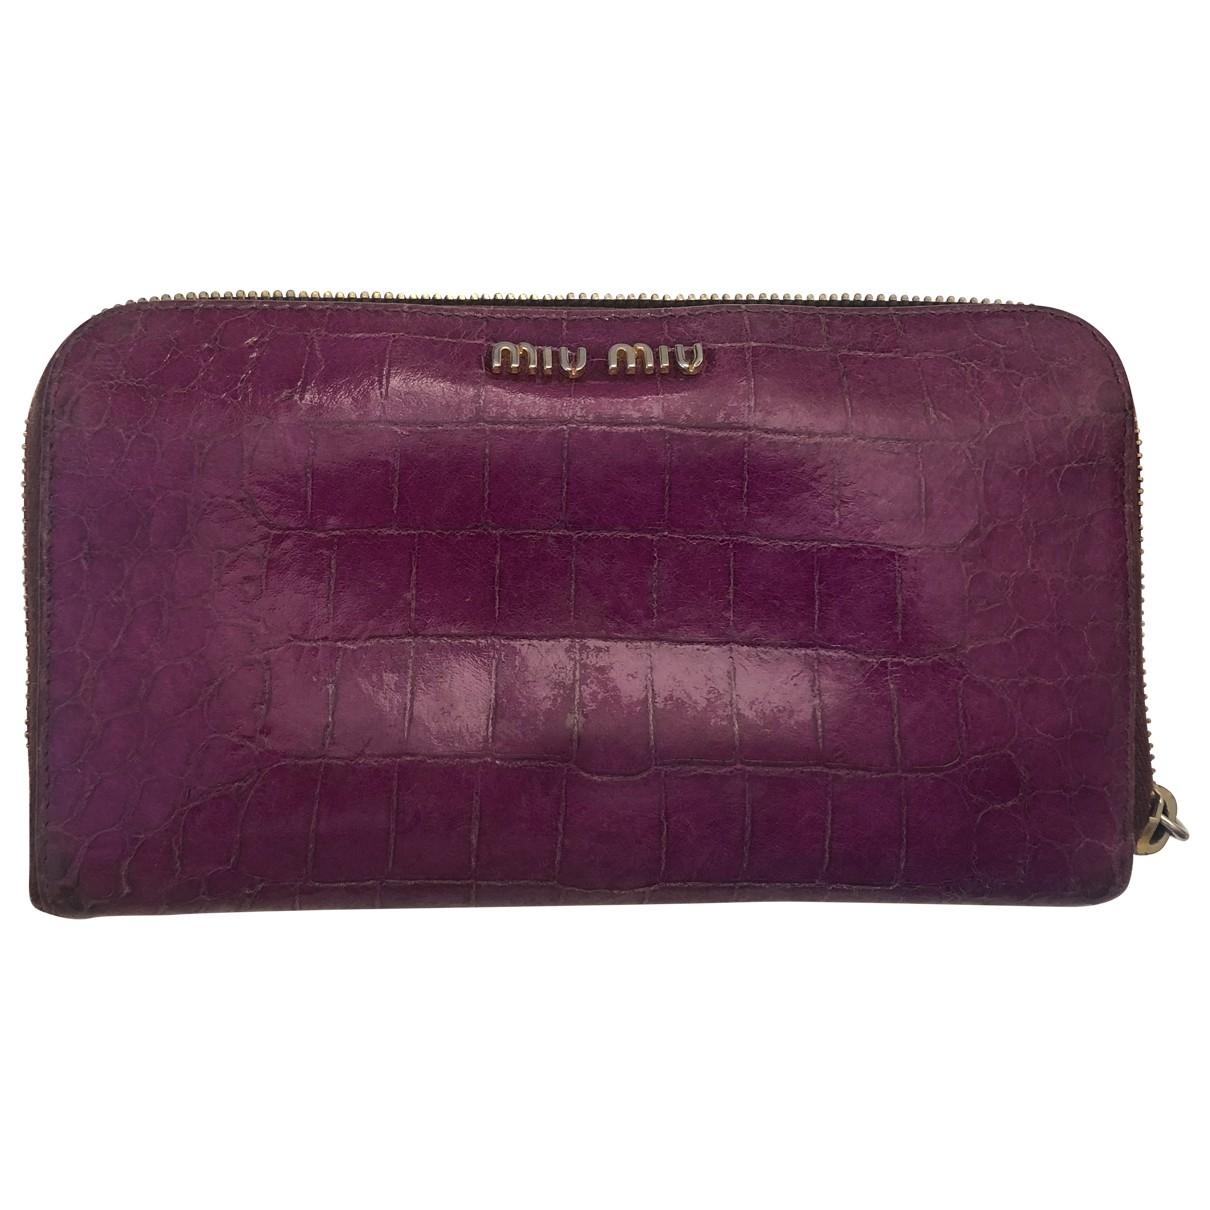 Miu Miu \N Portemonnaie in  Lila Leder